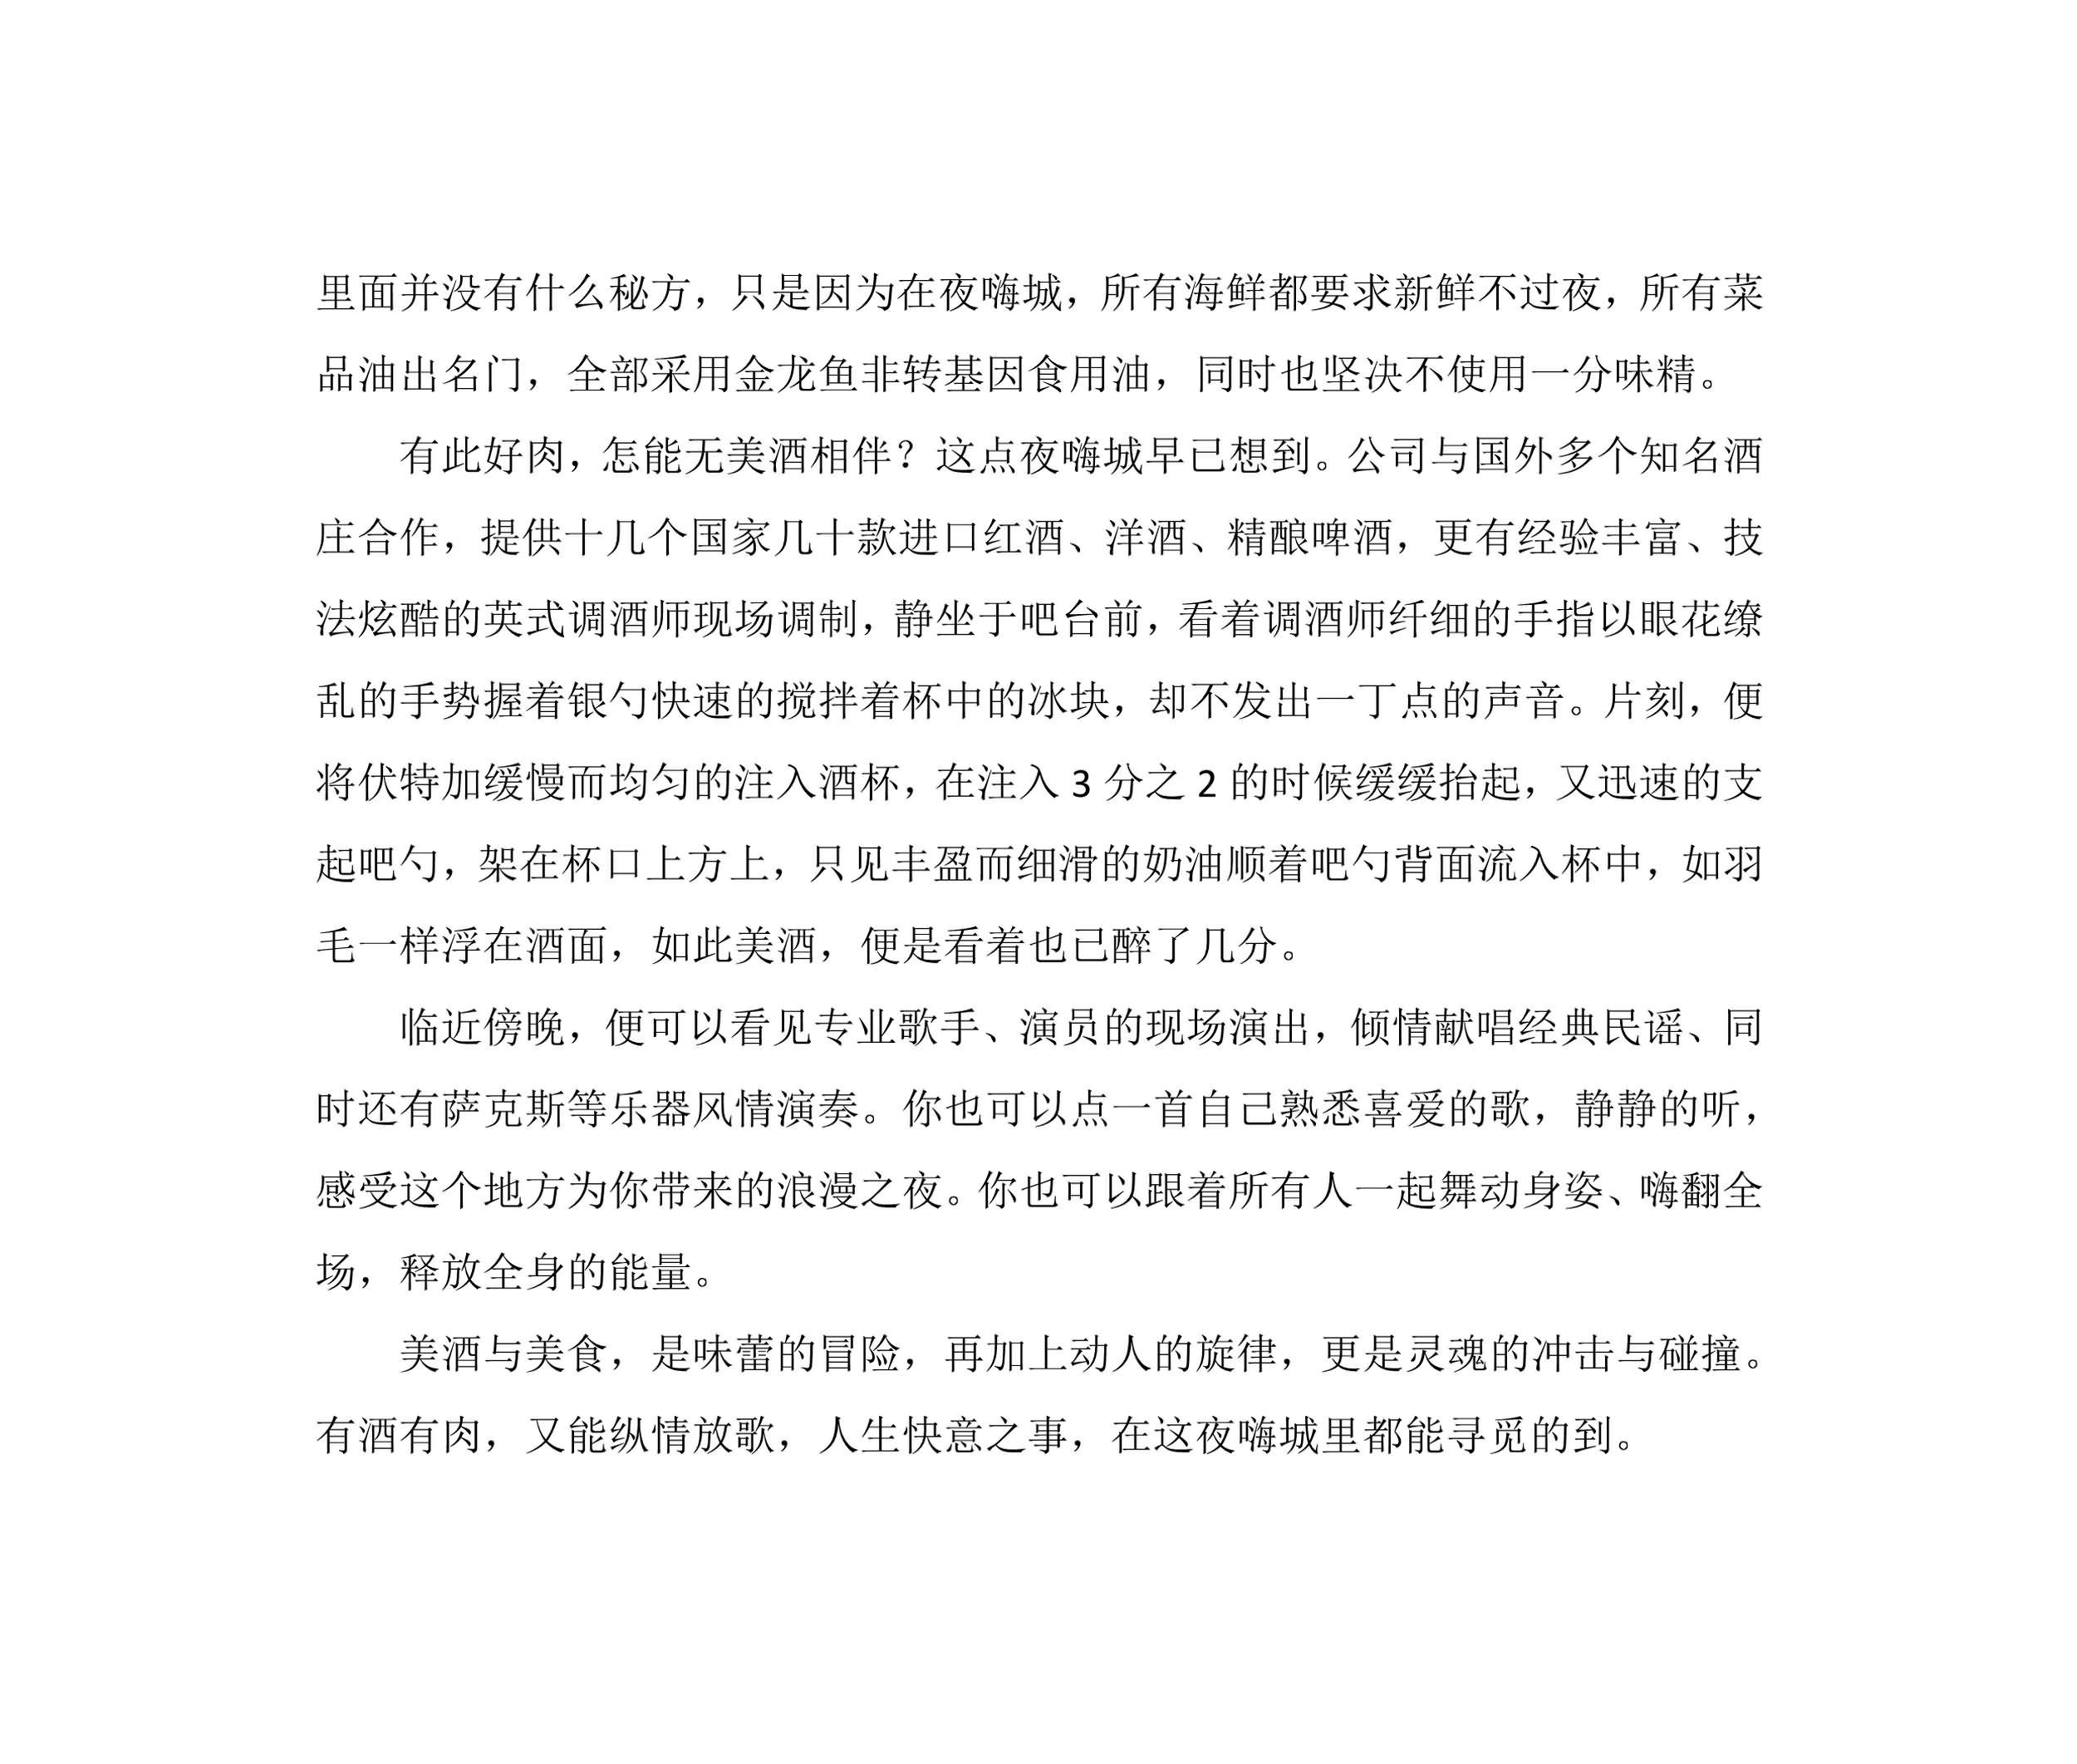 香港樂源餐飲集團有限公司11